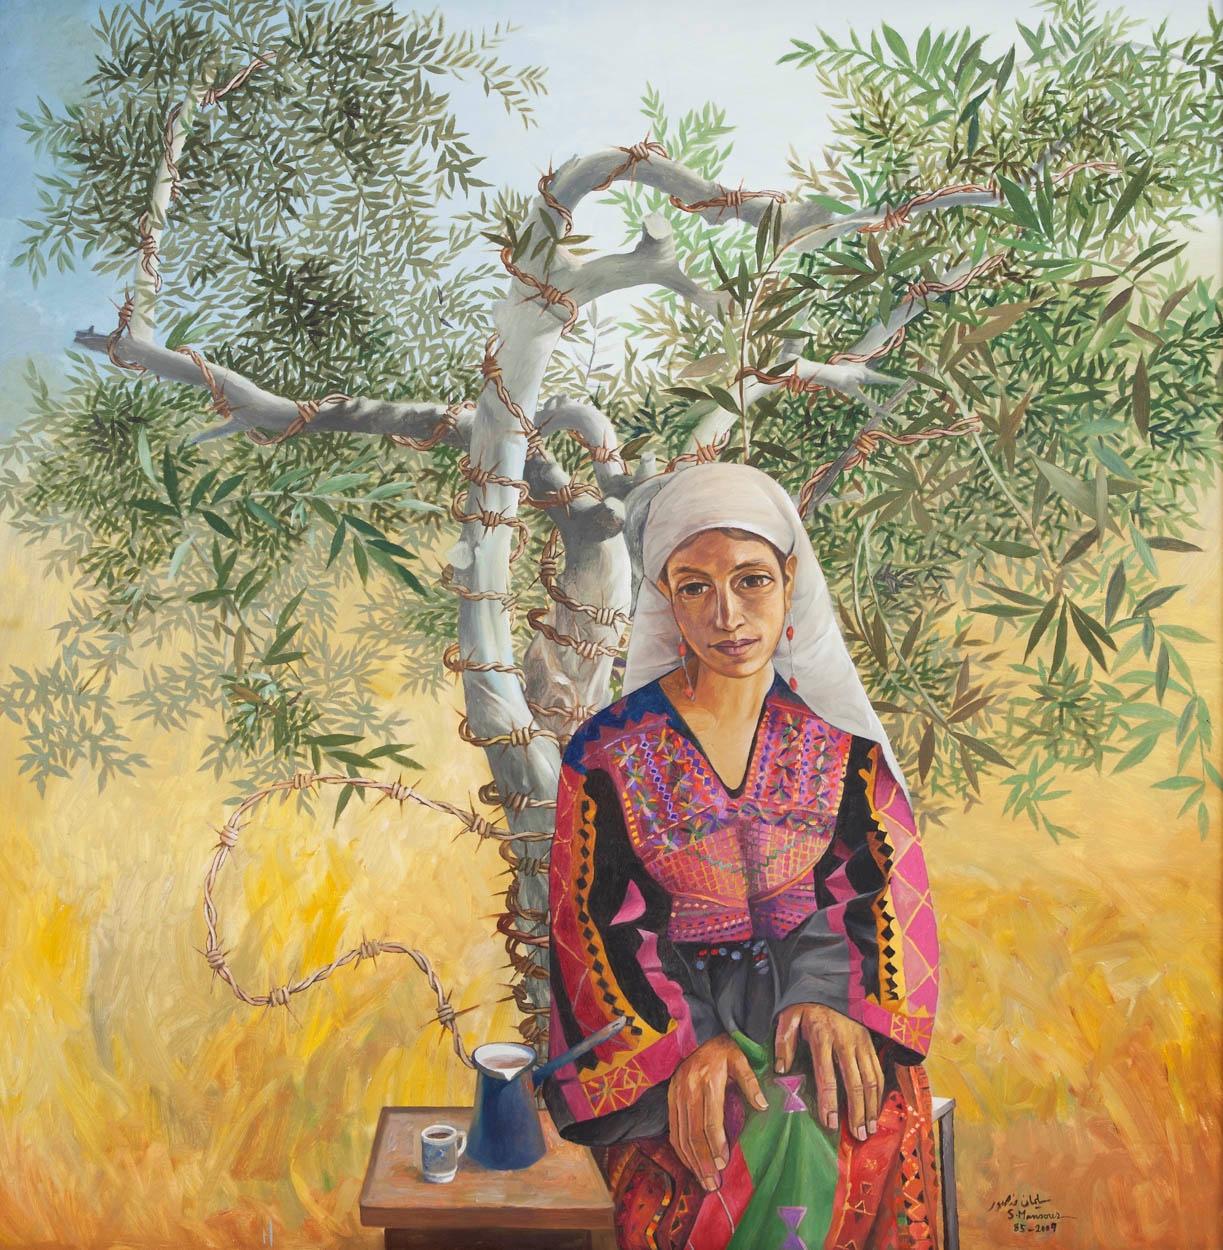 أحمد دحبور: حياة فلسطيني